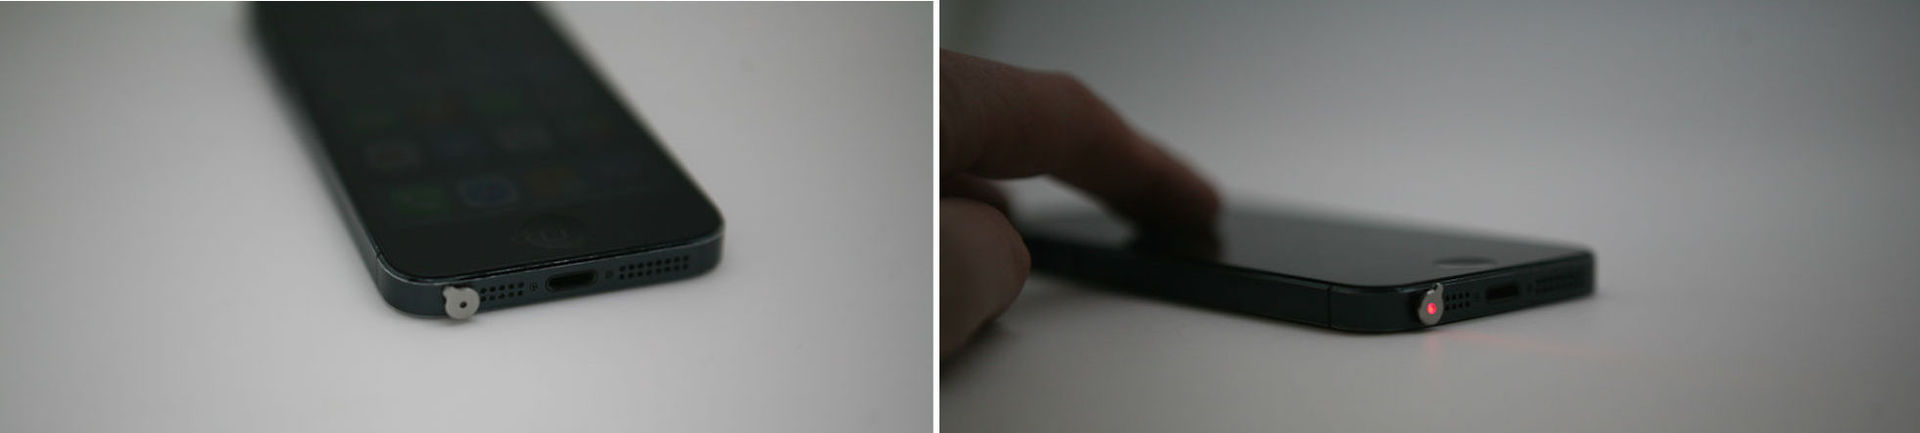 Инвентаризация: лазерная указка для смартфонов, физическая кнопка для Android и Bluetooth затвор для селфи - 10